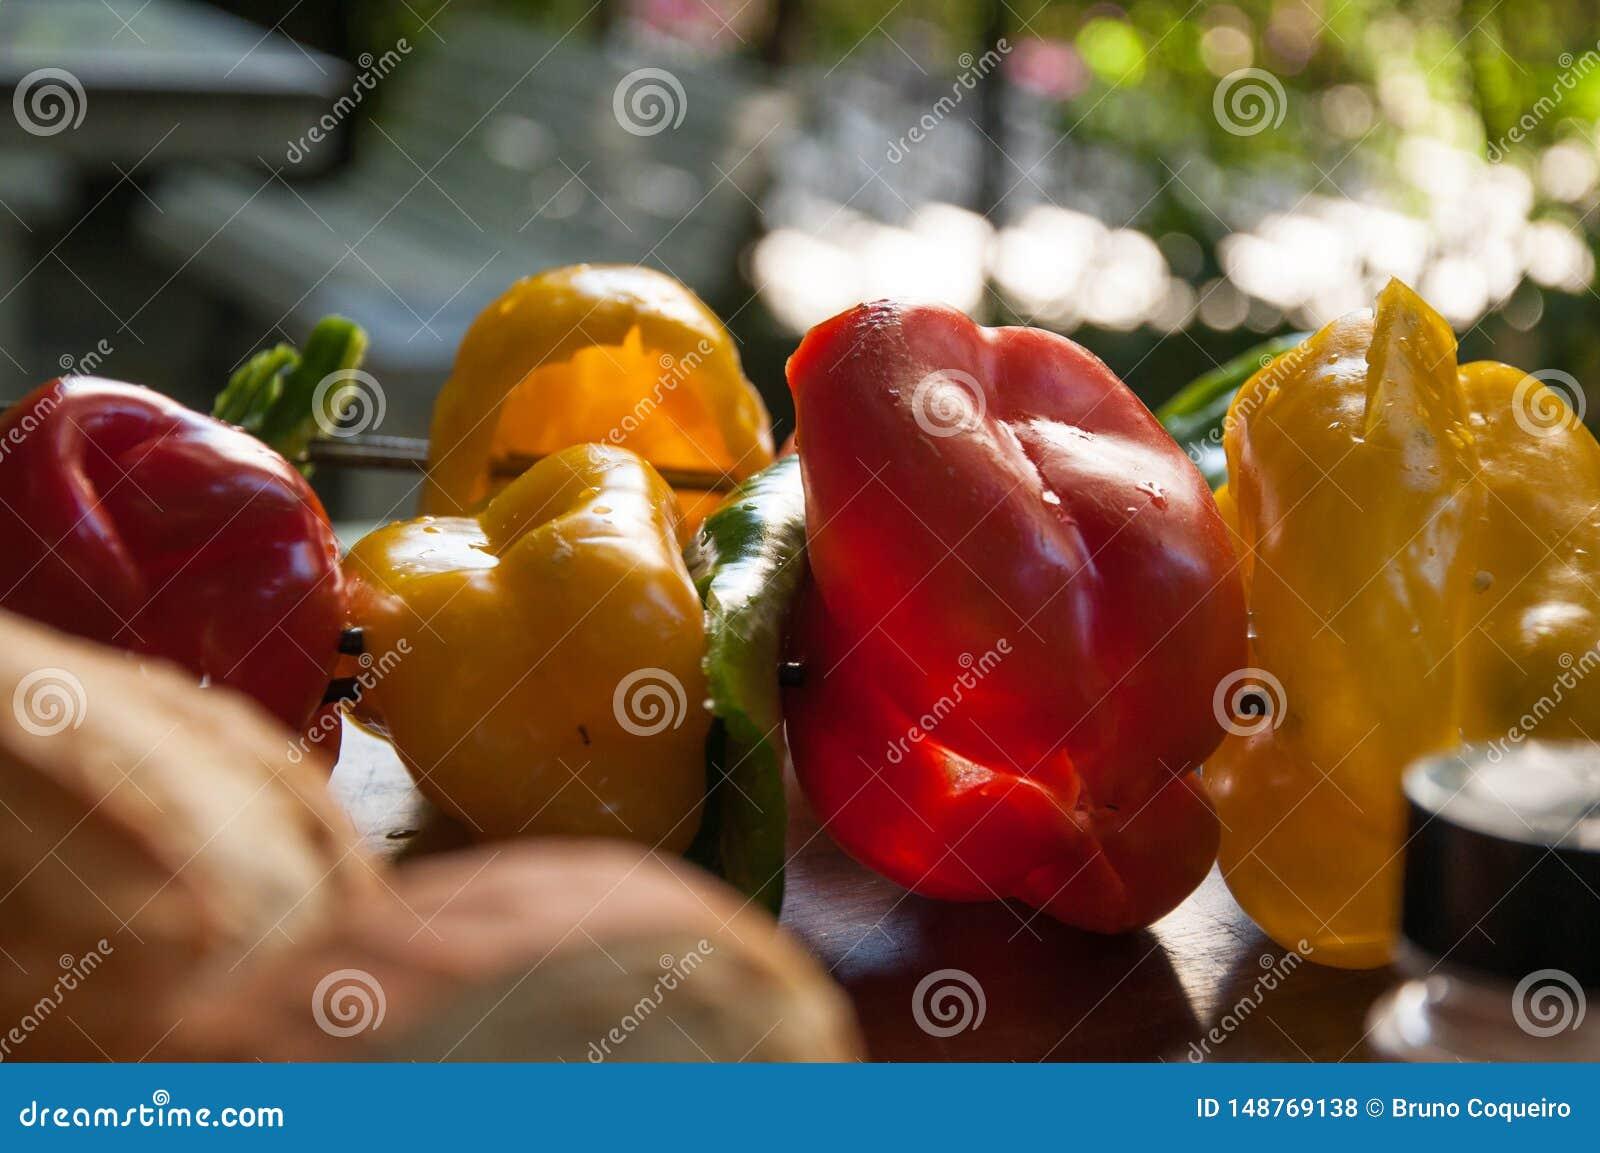 Болгарский перец, цукини и протыкальник свежих овощей